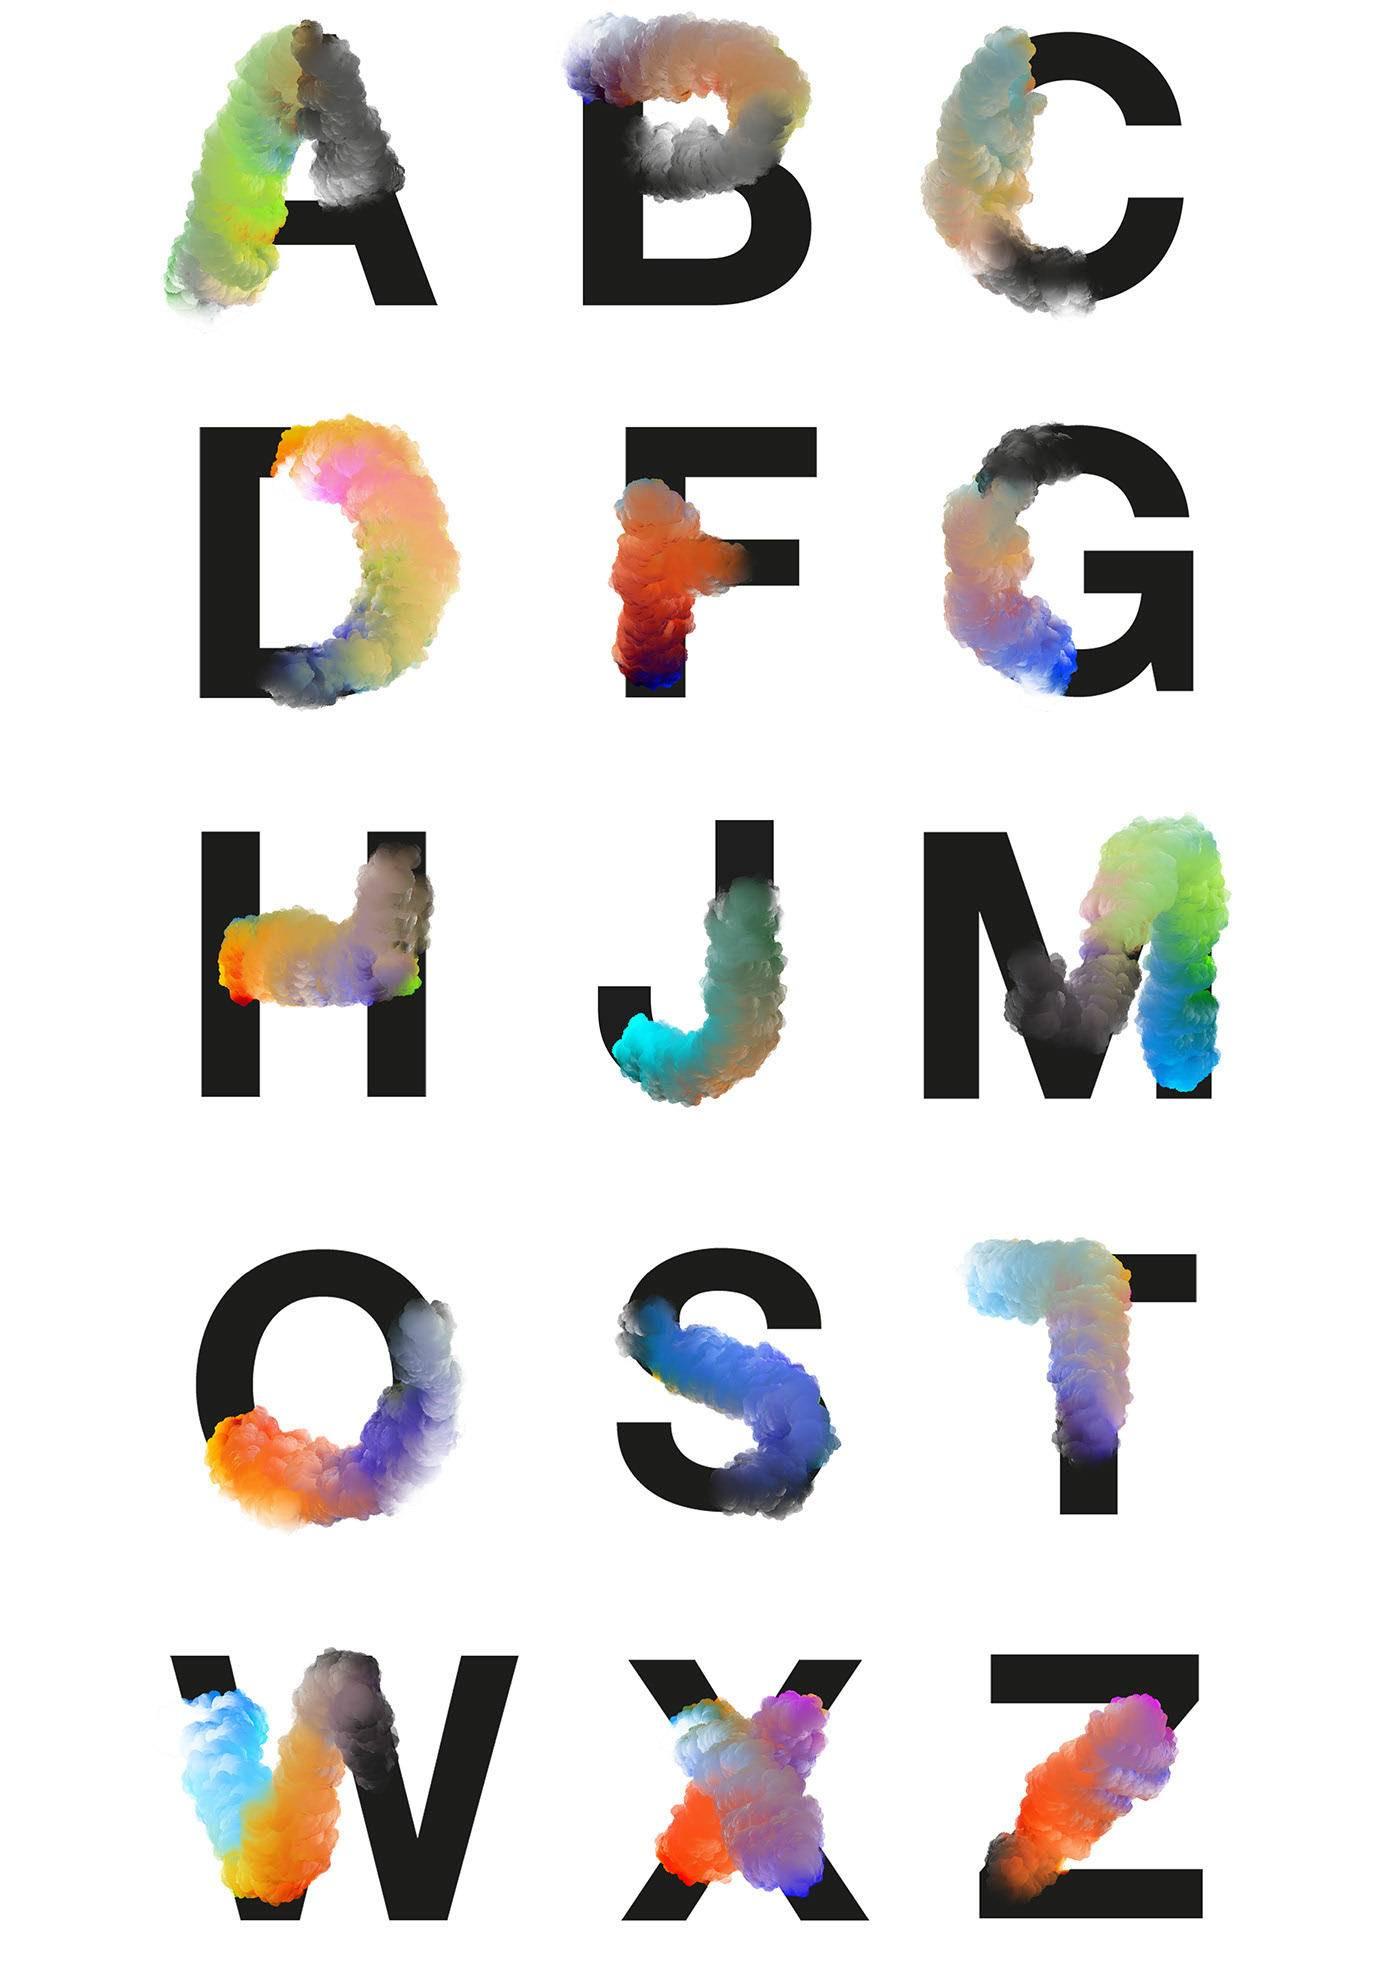 海报设计素材分享 一张酷炫的海报必备这些字体